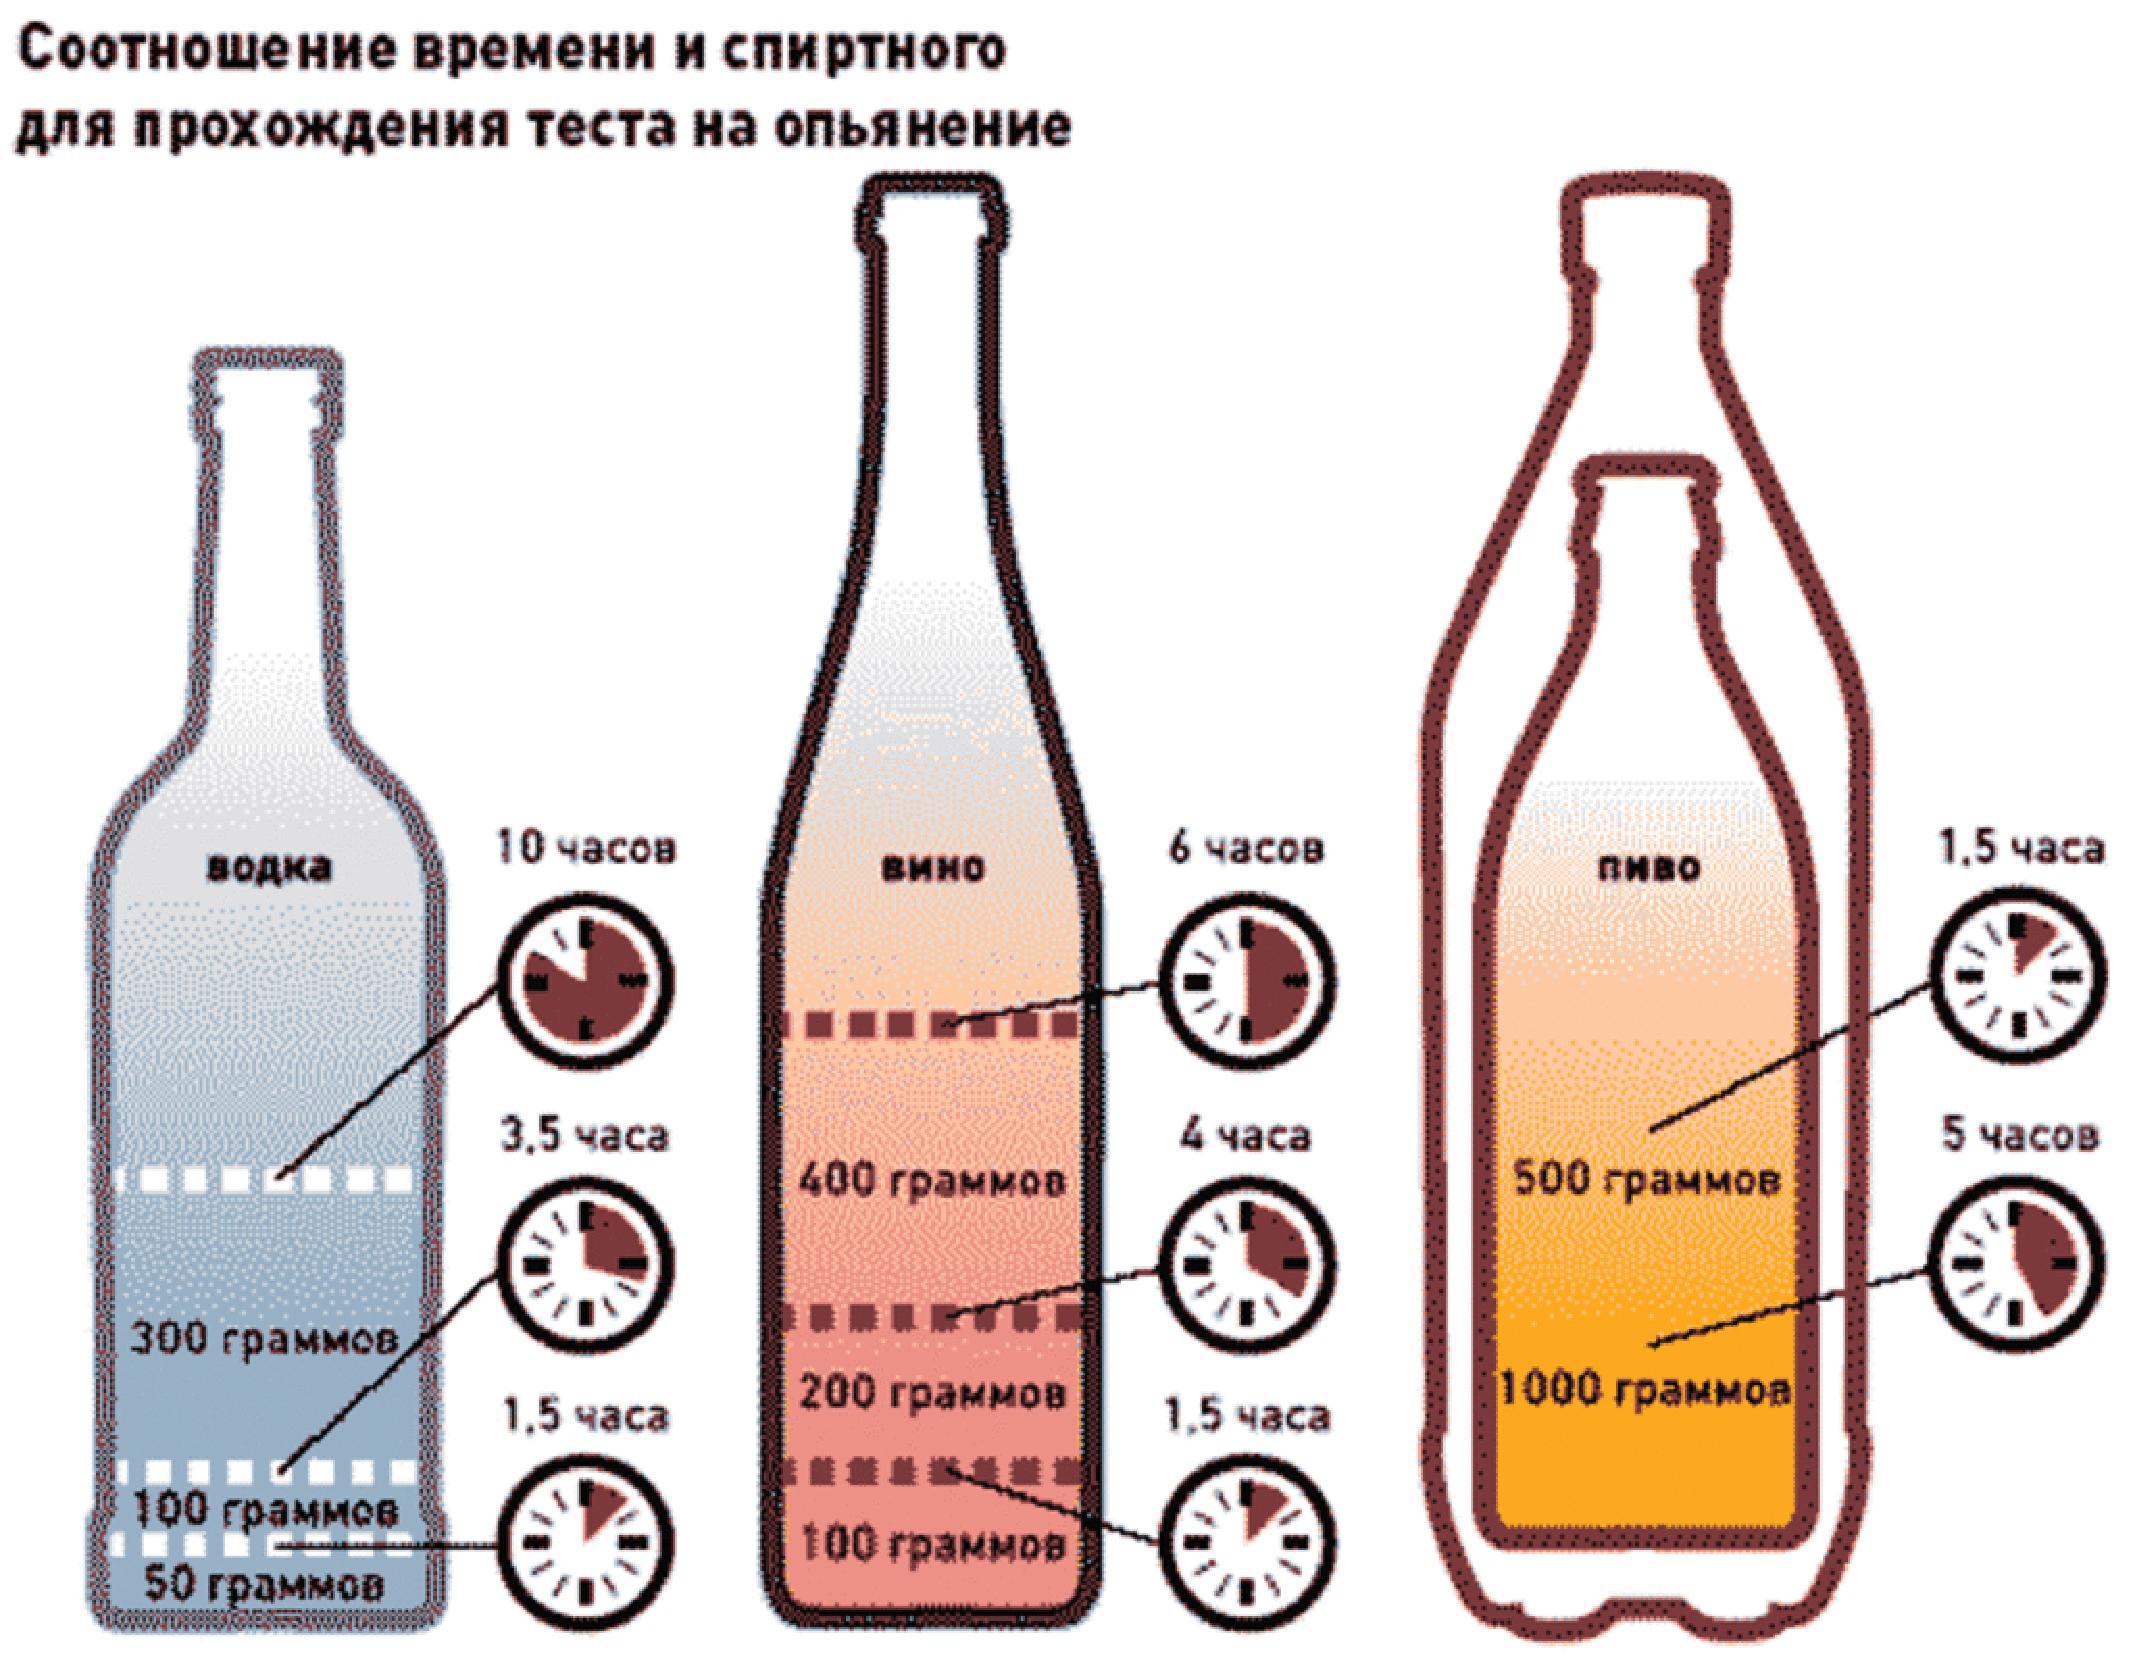 Особенности употребления кефира и алкоголь